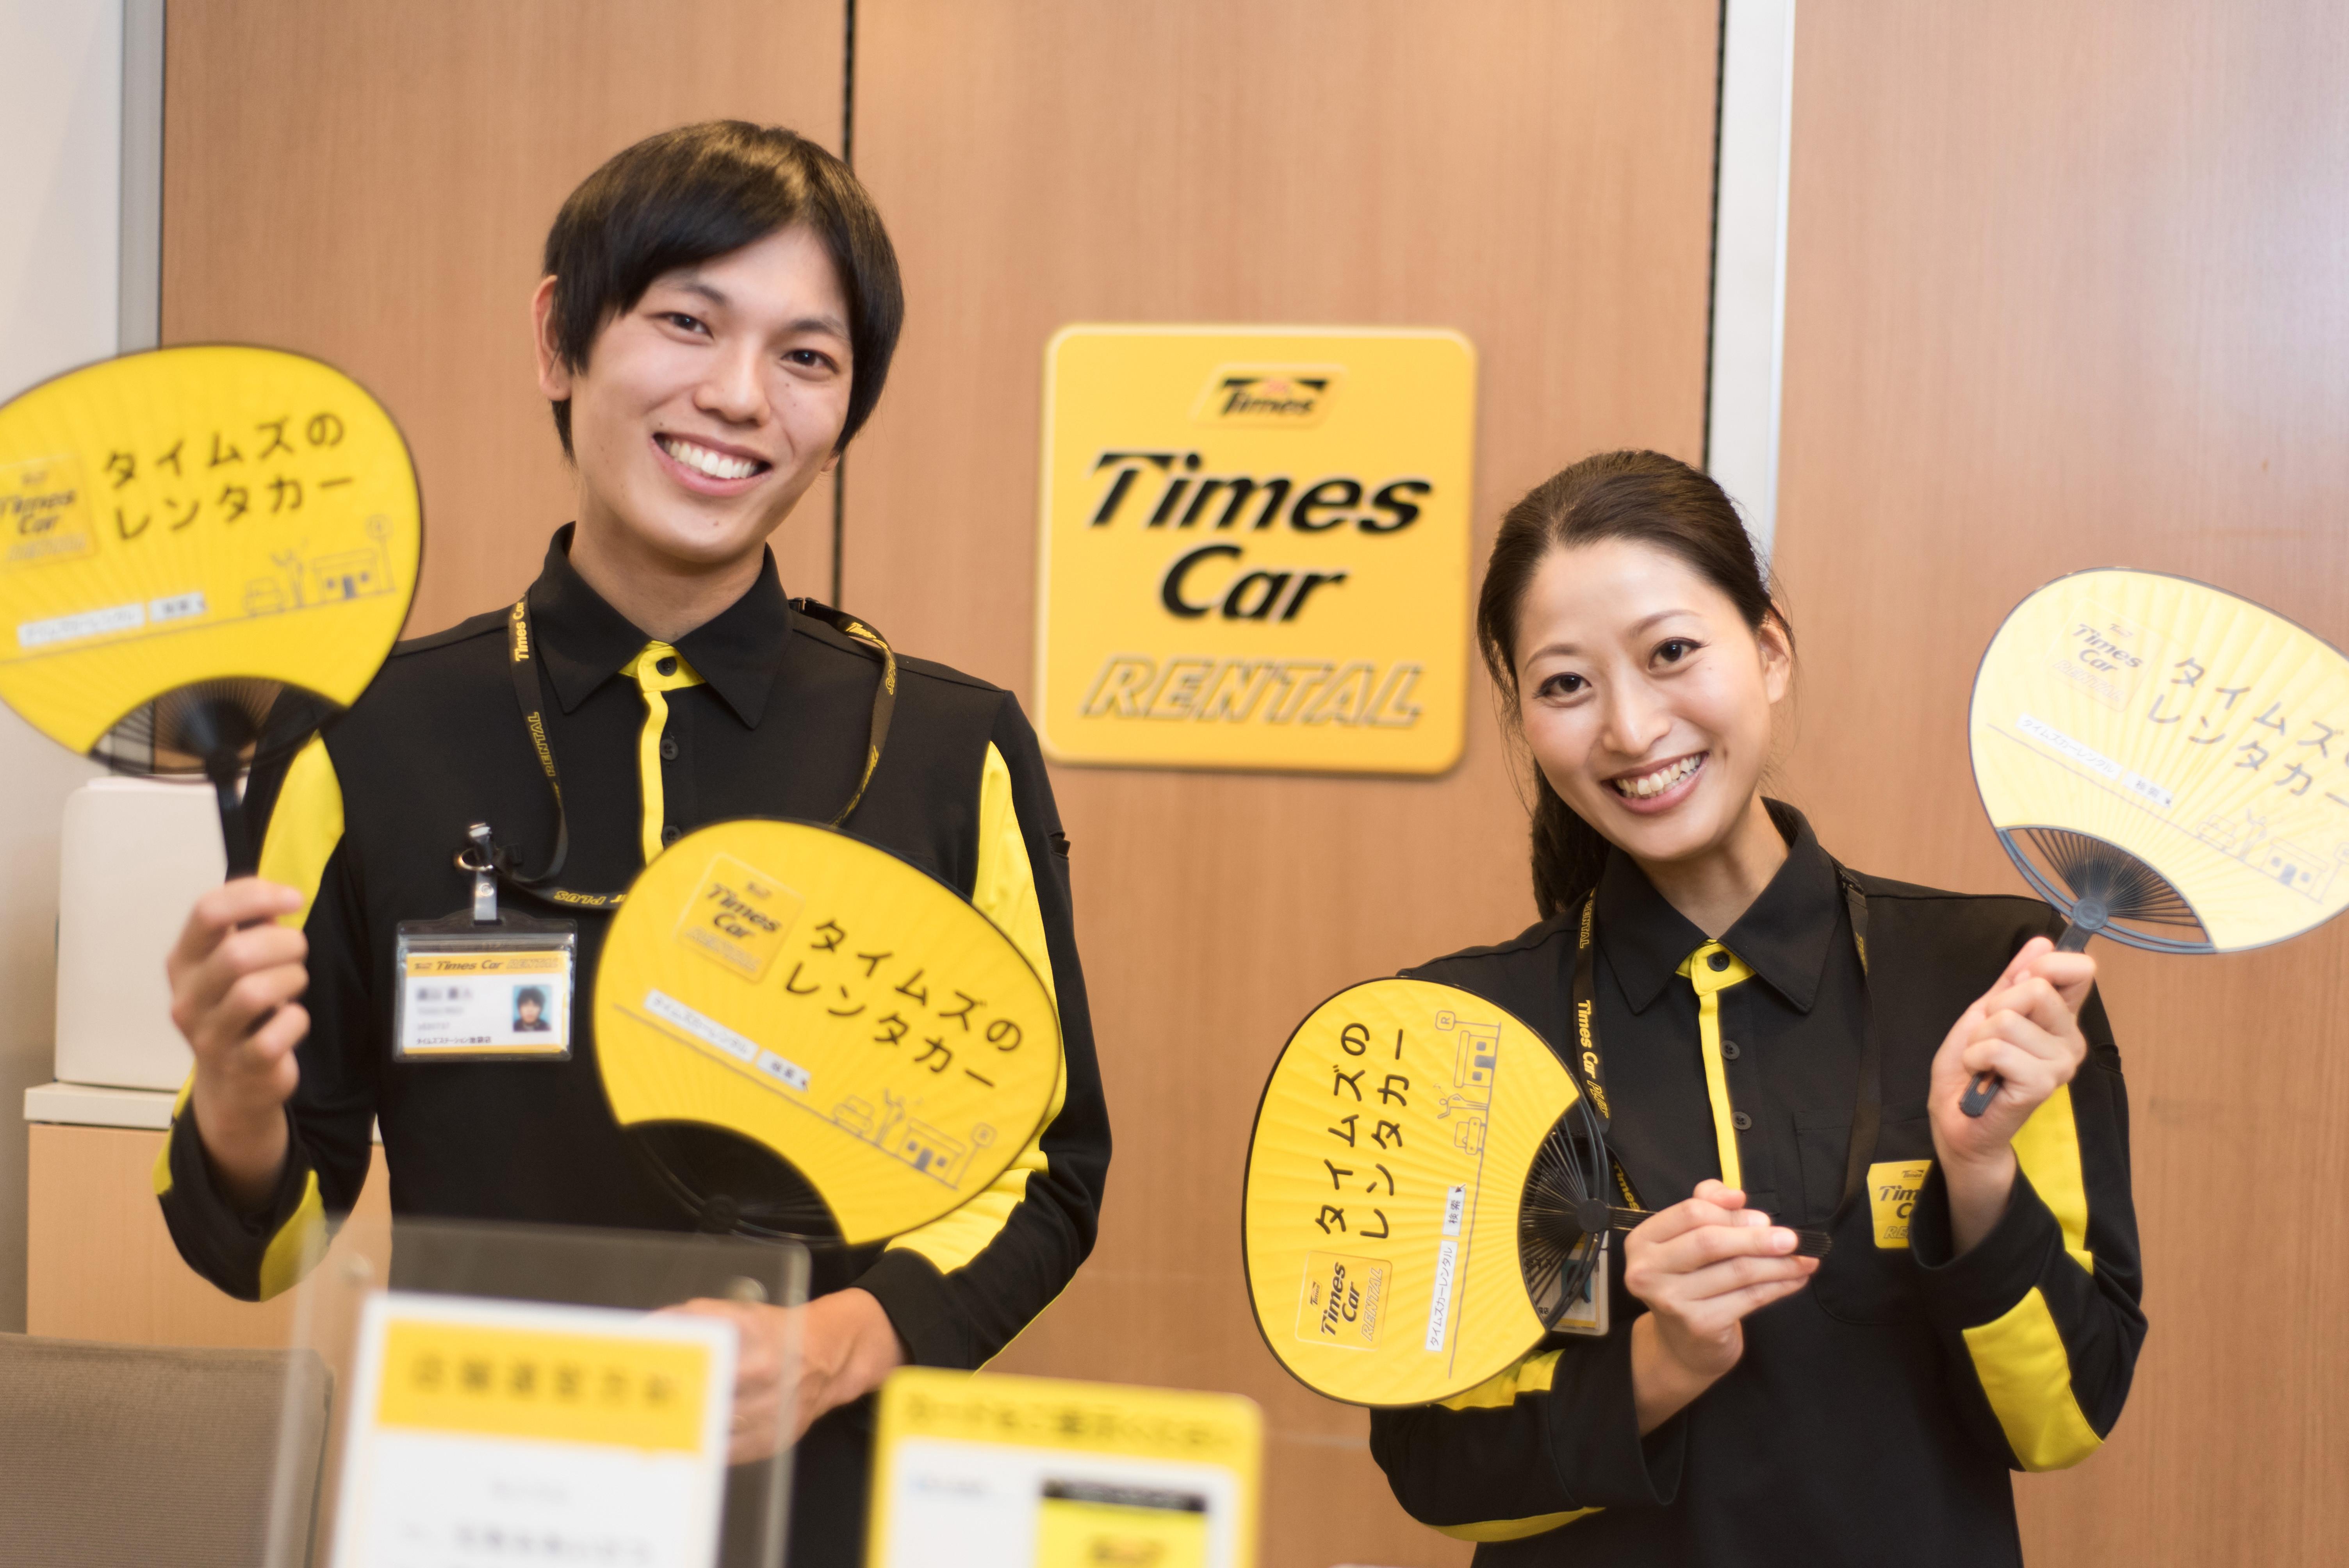 タイムズカーレンタル 福岡空港国際線ターミナル店  のアルバイト情報